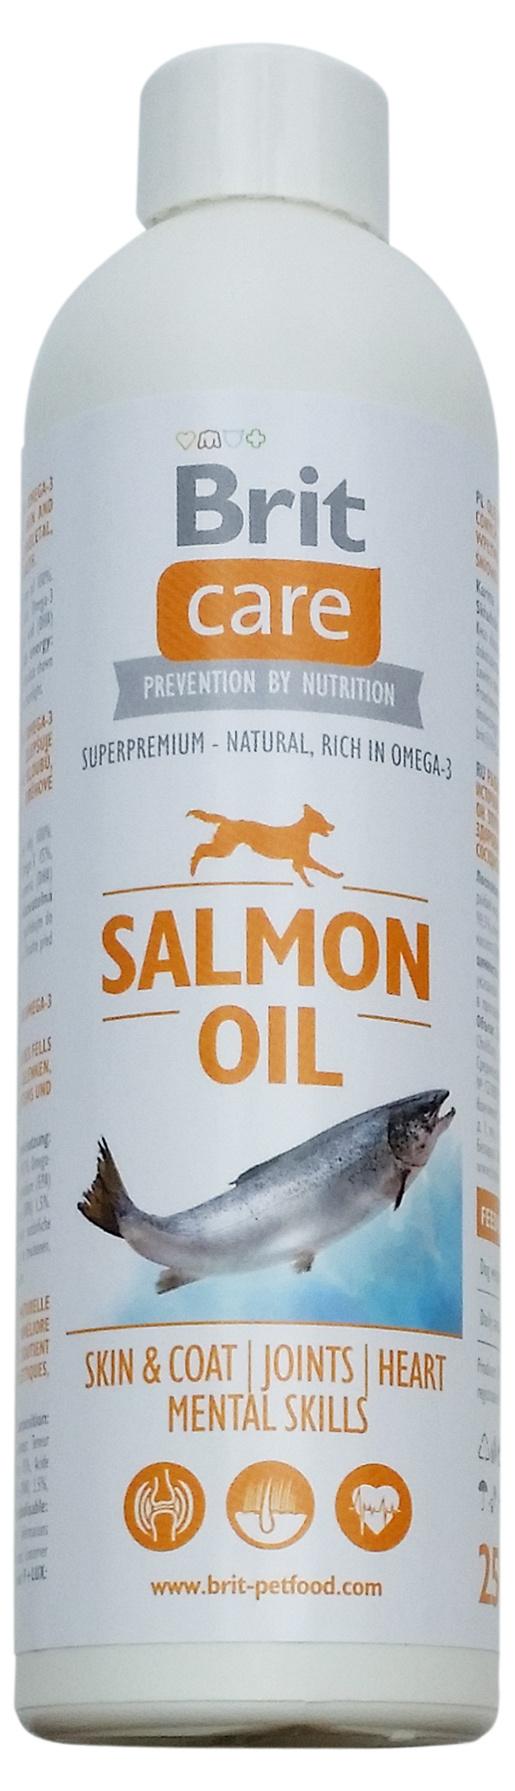 Lososový olej BRIT Care Salmon Oil 250ml